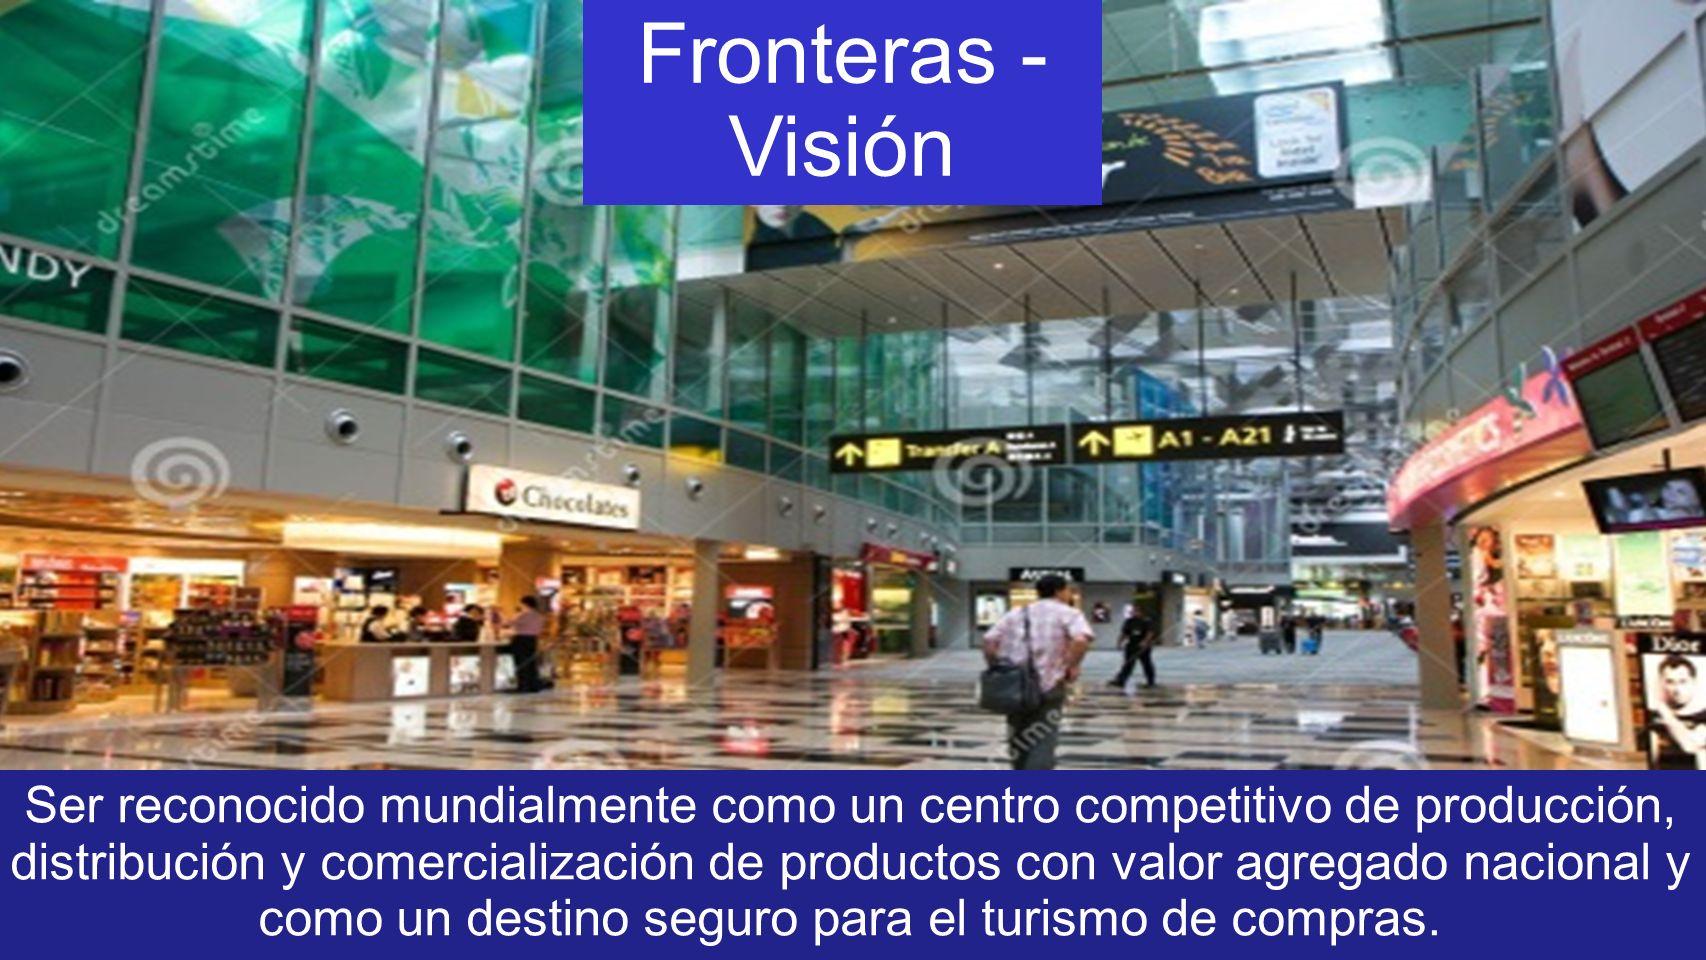 Fronteras - Visión Ser reconocido mundialmente como un centro competitivo de producción, distribución y comercialización de productos con valor agregado nacional y como un destino seguro para el turismo de compras.